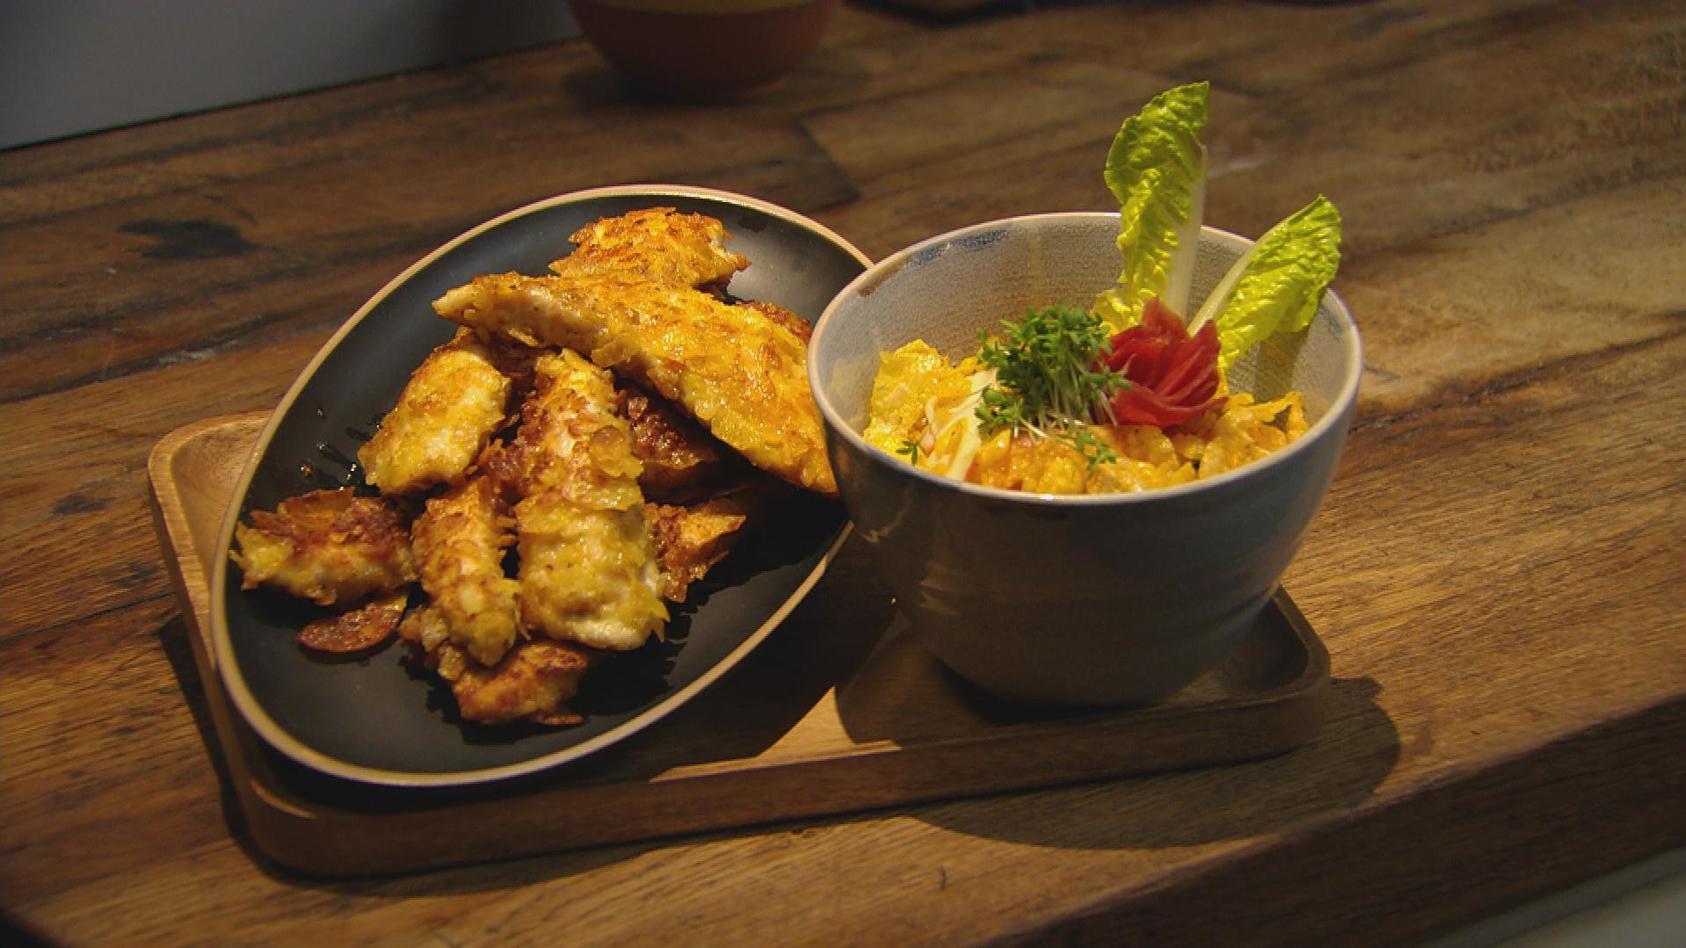 Herzhaft zubeißen – Alles was knuspert und knackt: Hähnchenschnitzel mit Chipskruste und Möhren-Apfel-Salat